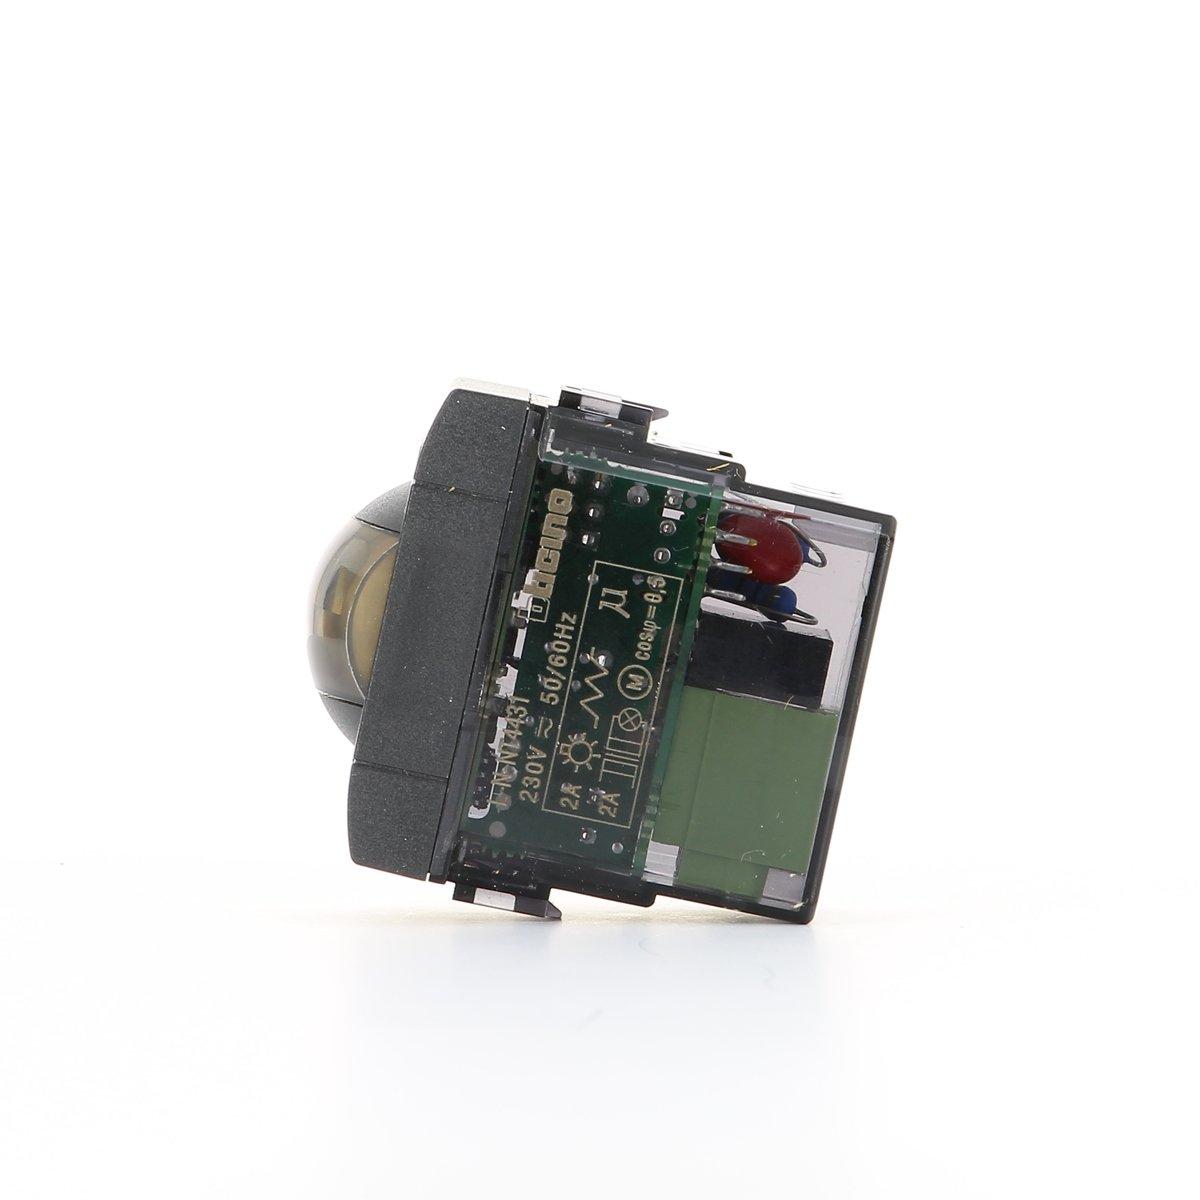 Bticino Livinglight L4431 - Ll-Sensor Ir 2A 1M Antr: Amazon.es: Bricolaje y herramientas